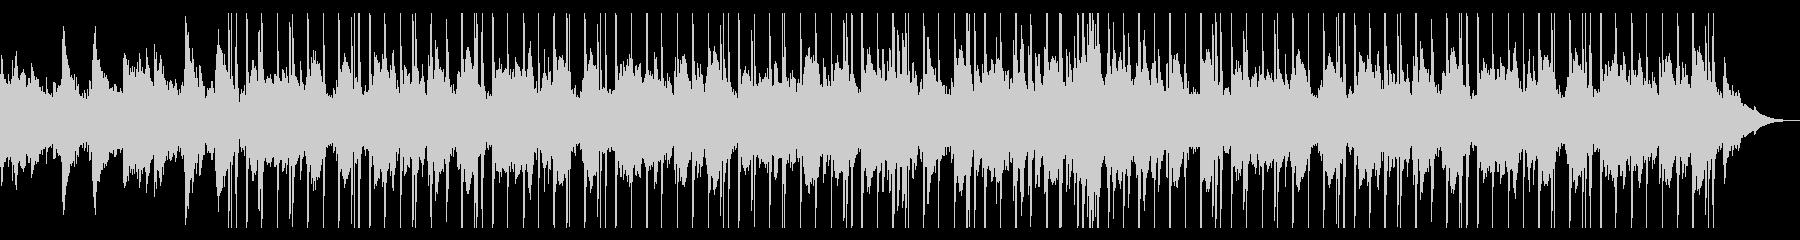 お洒落なチルアウト ピアノジャズソウルの未再生の波形